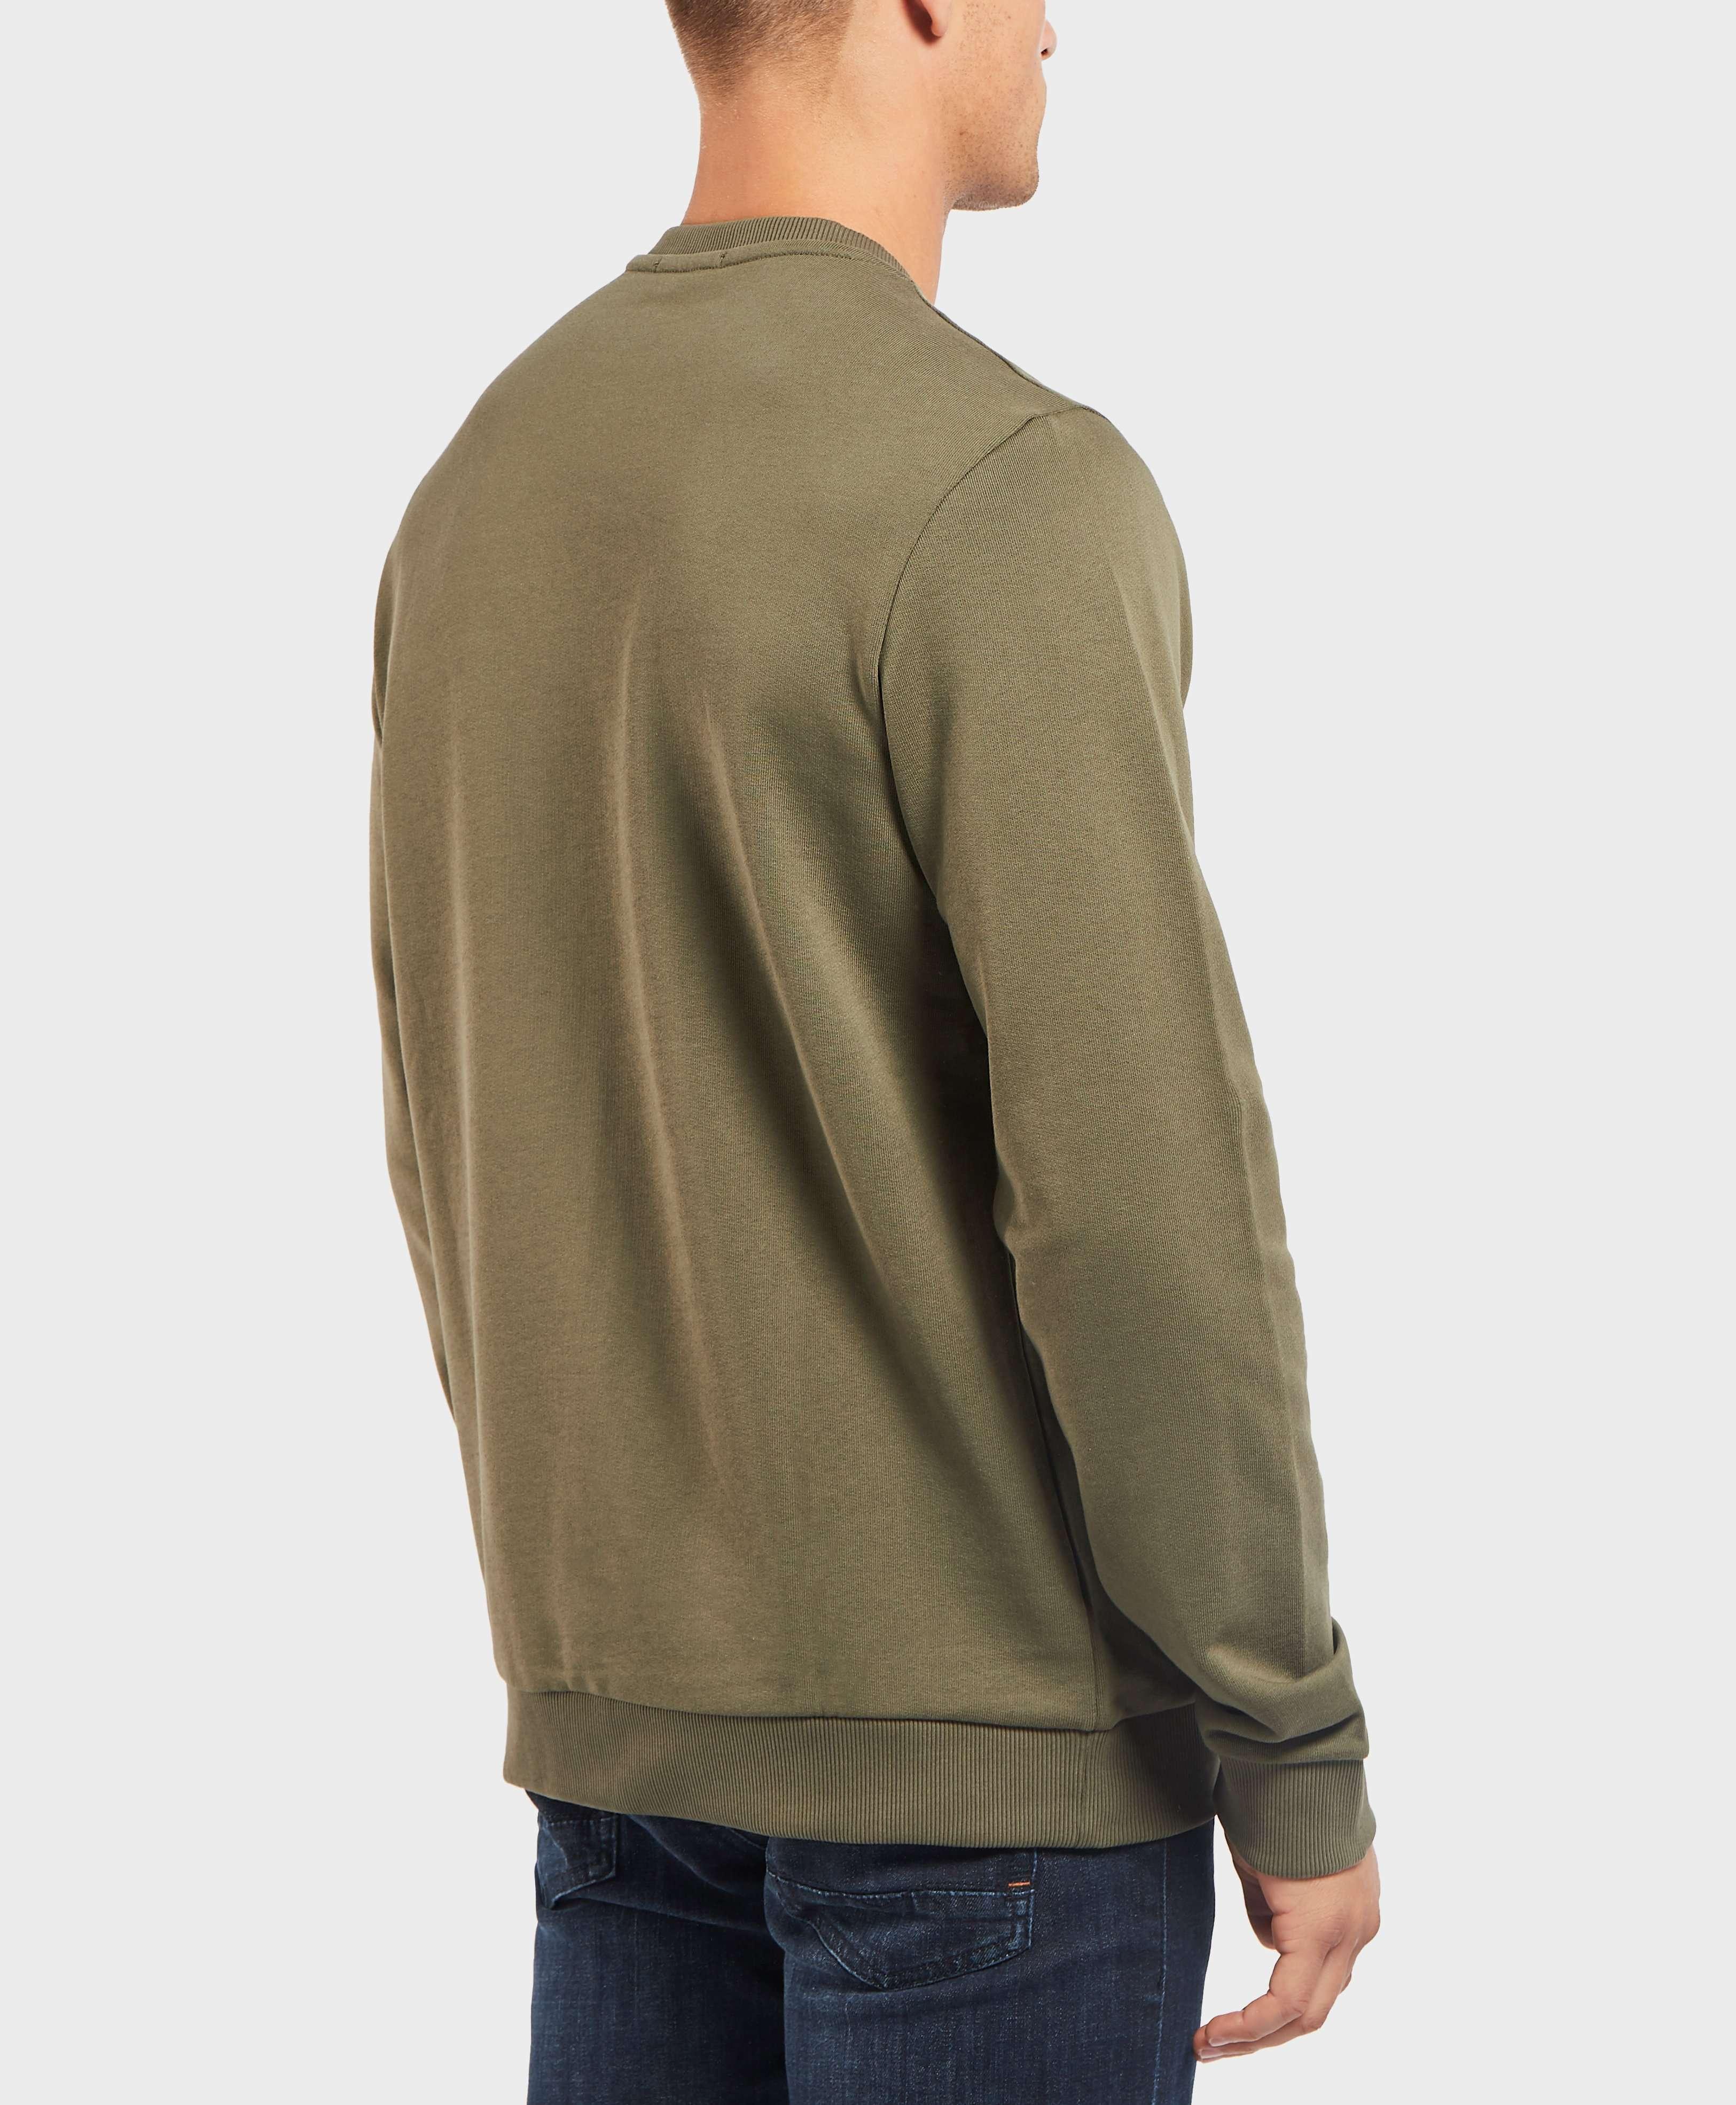 Versace Jeans Foil Square Sweatshirt